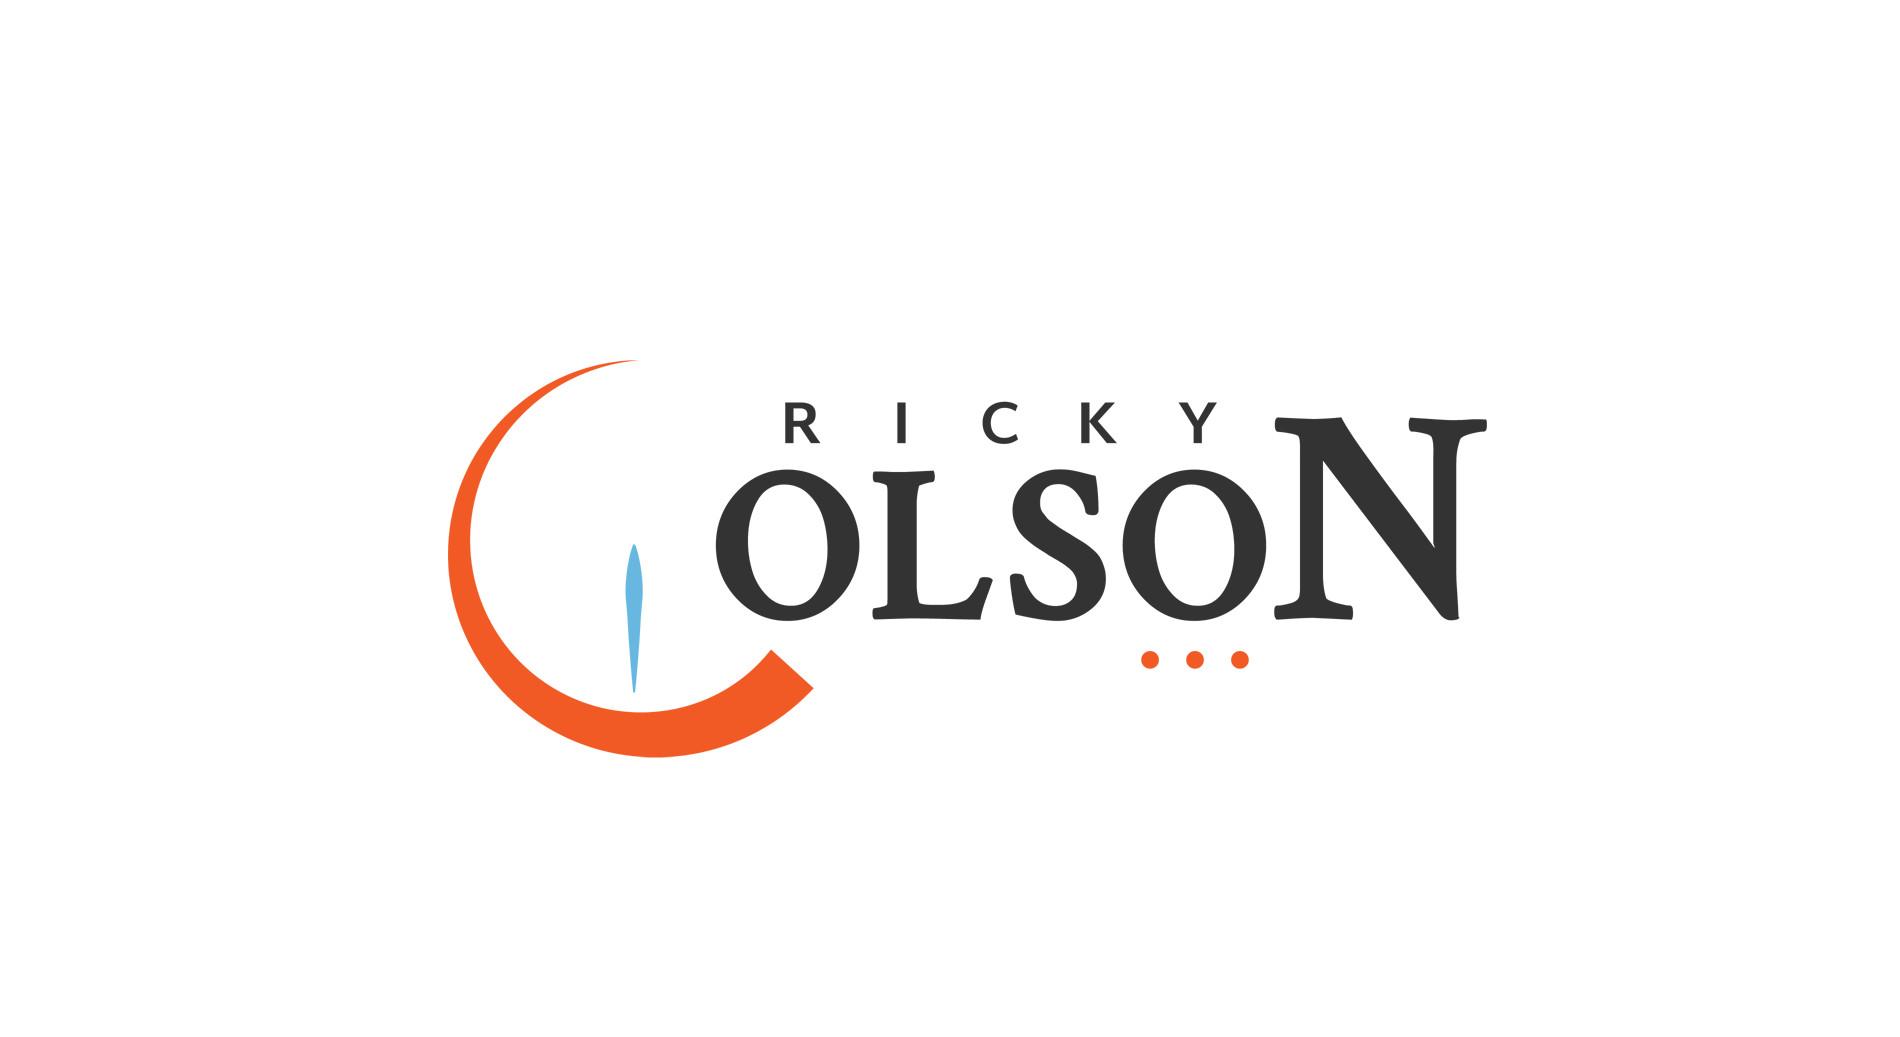 Ricky Colson logo